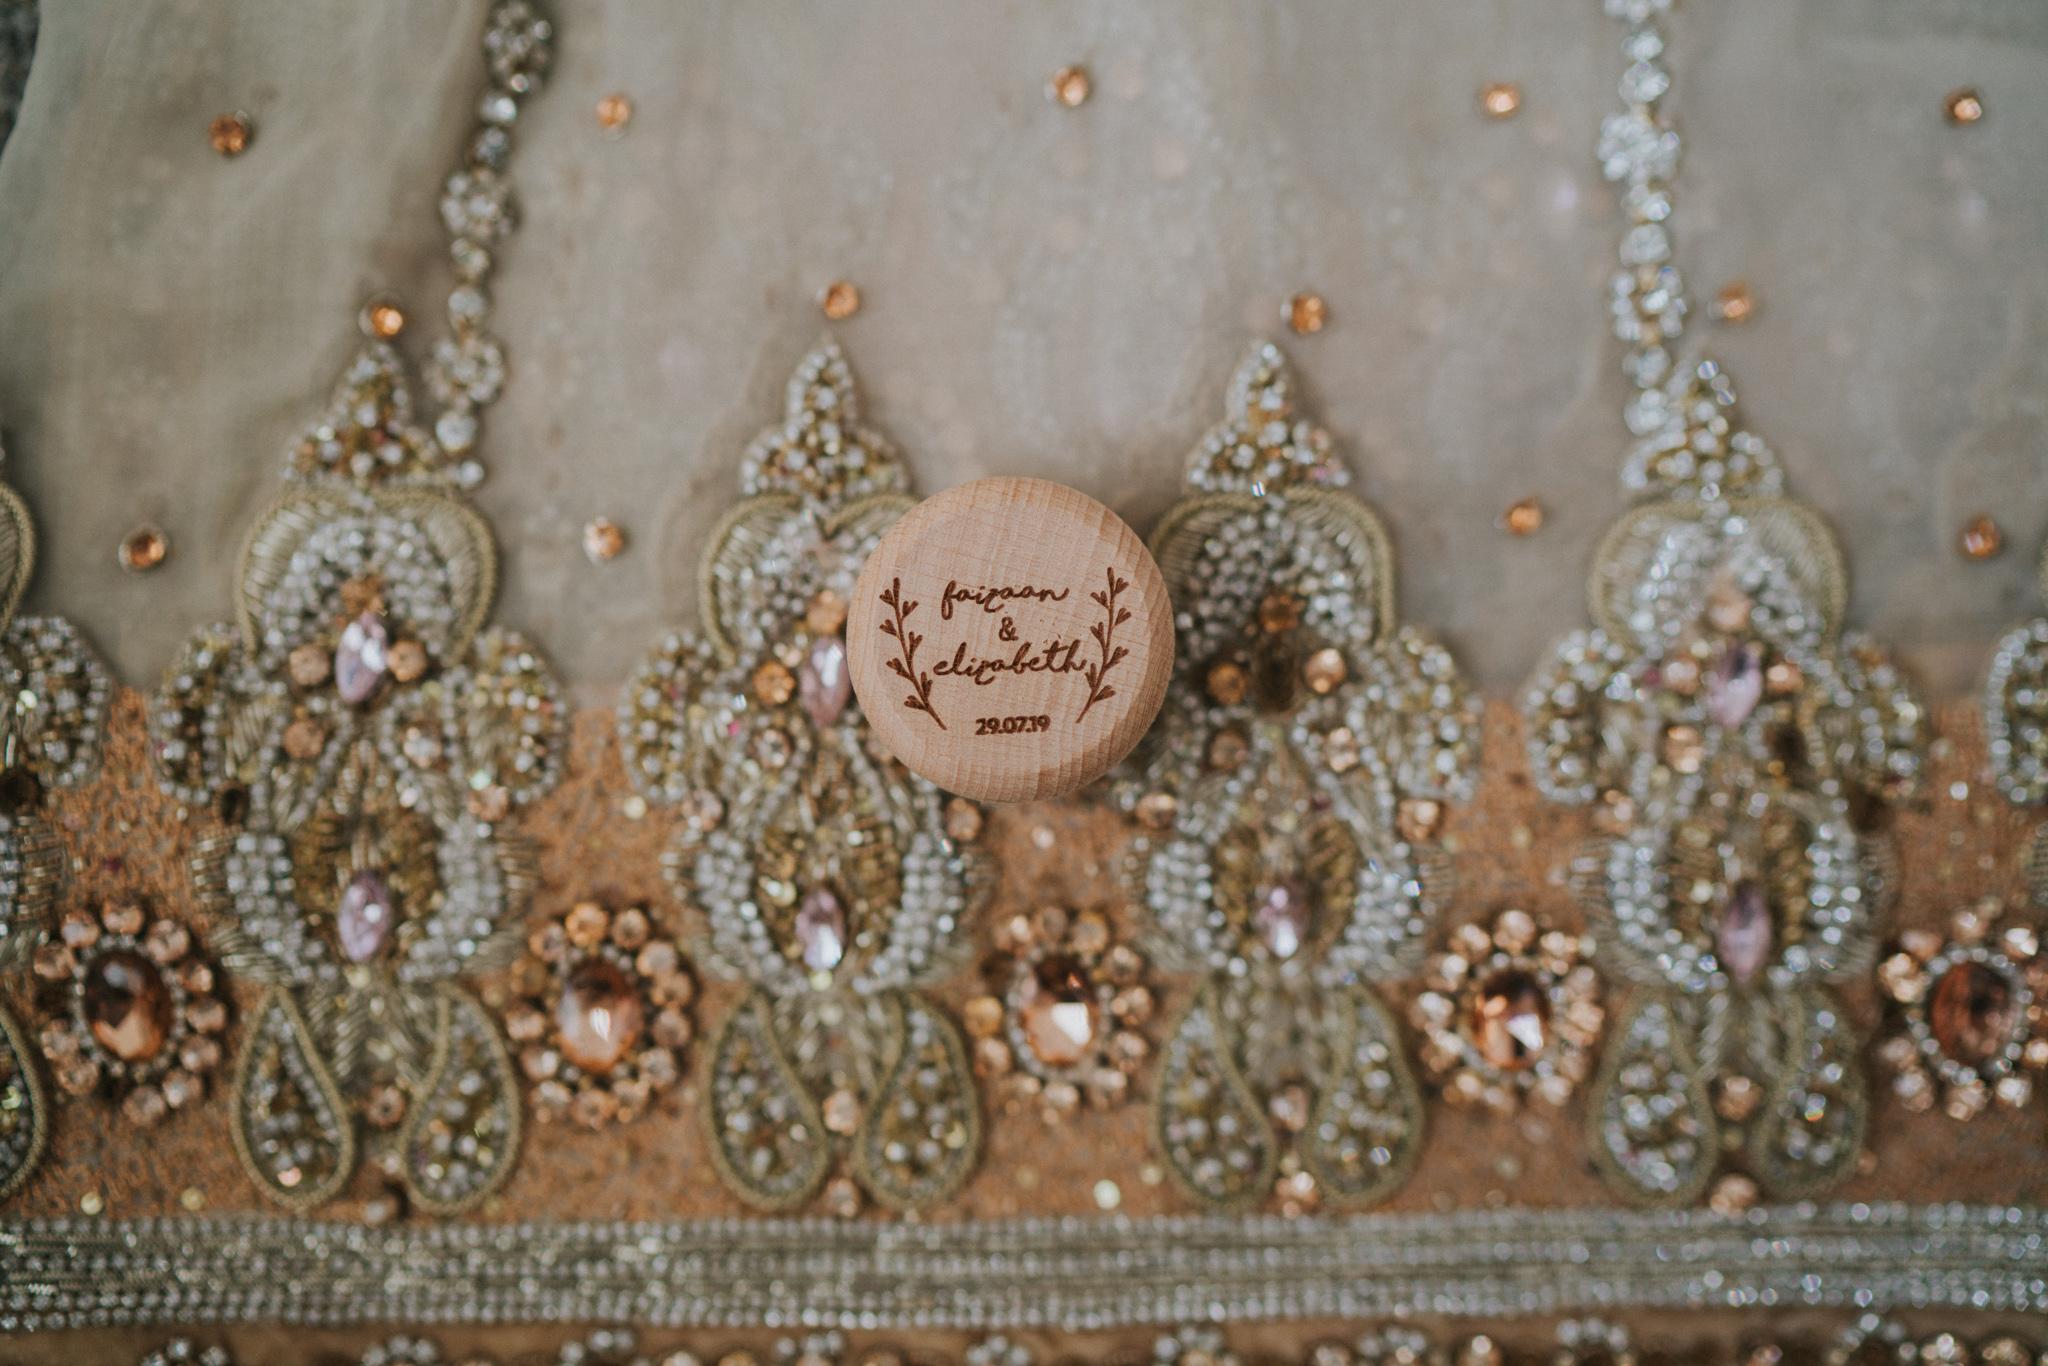 lizzie-faz-fennes-asian-fusion-wedding-grace-elizabeth-colchester-essex-alternative-wedding-lifestyle-photographer-essex-suffolk-norfolk-devon (6 of 55).jpg